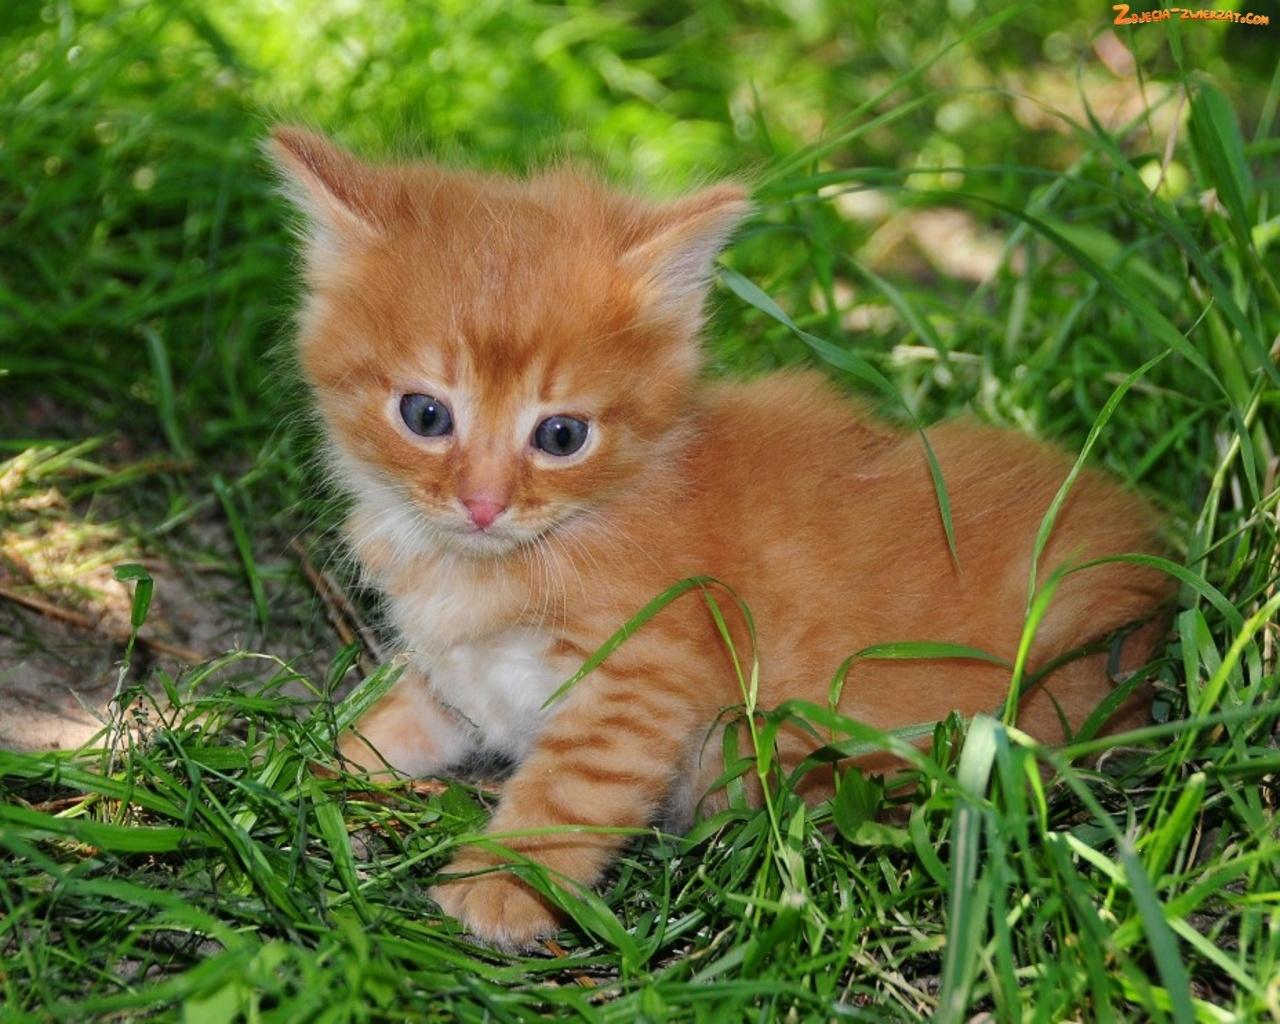 rudy chat Adoptez rudy : chien croisé braque dalmatien proposé à l'adoption dans un refuge spa dans la région nord pas de calais.